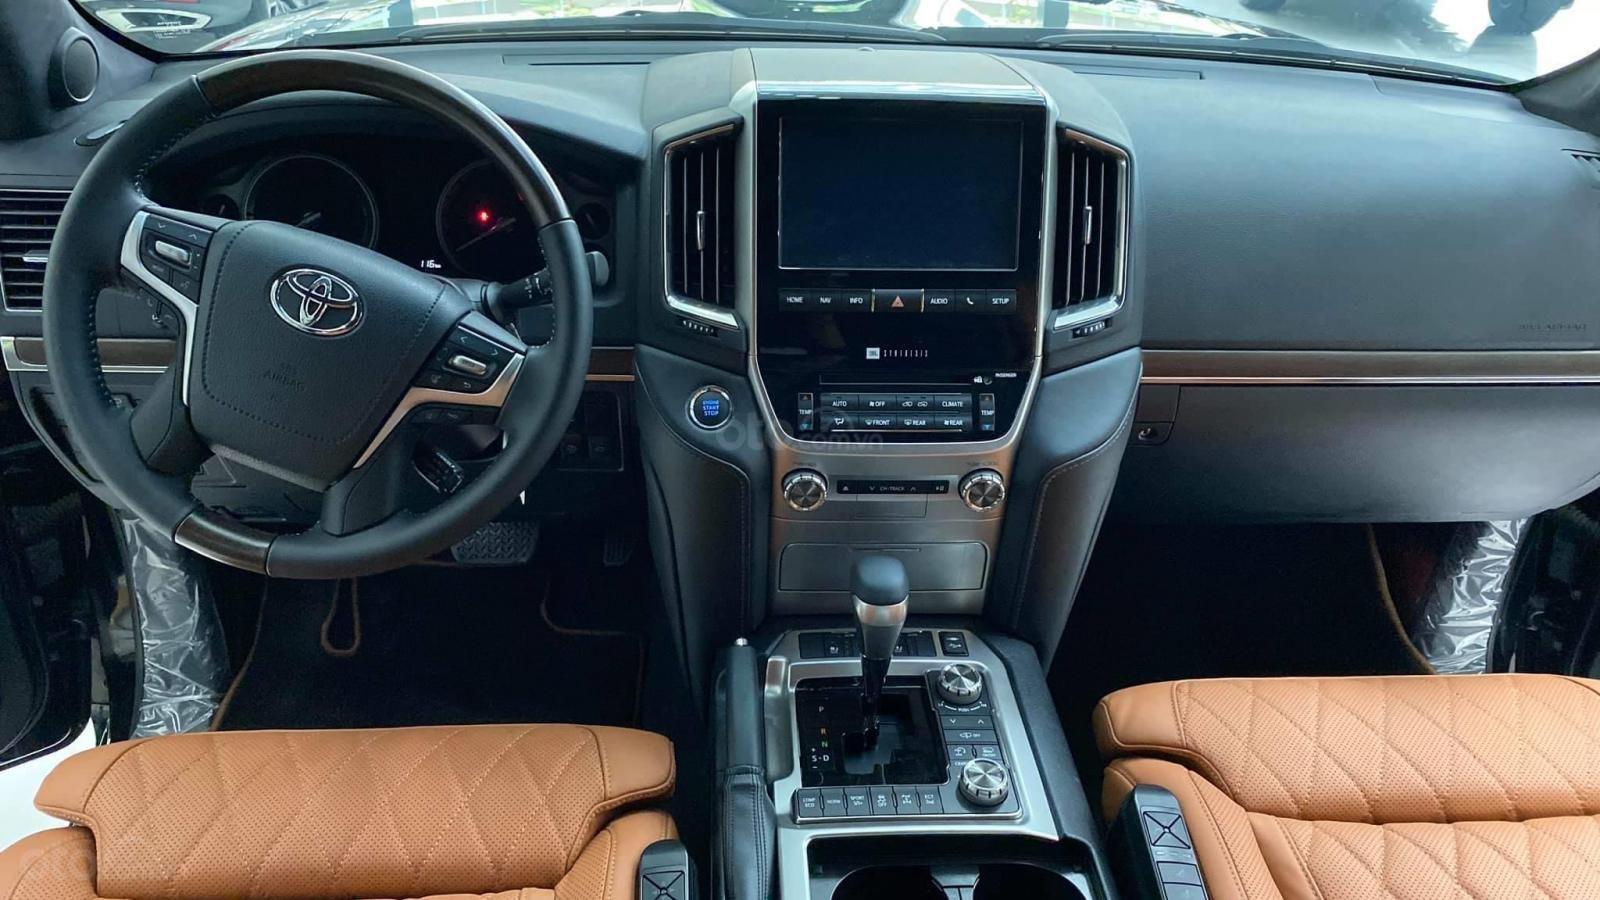 Bán Toyota Land Cruise VX S 5.7 sản xuất 2020, 4 ghế Massage siêu vip, xe giao ngay, giá tốt (9)